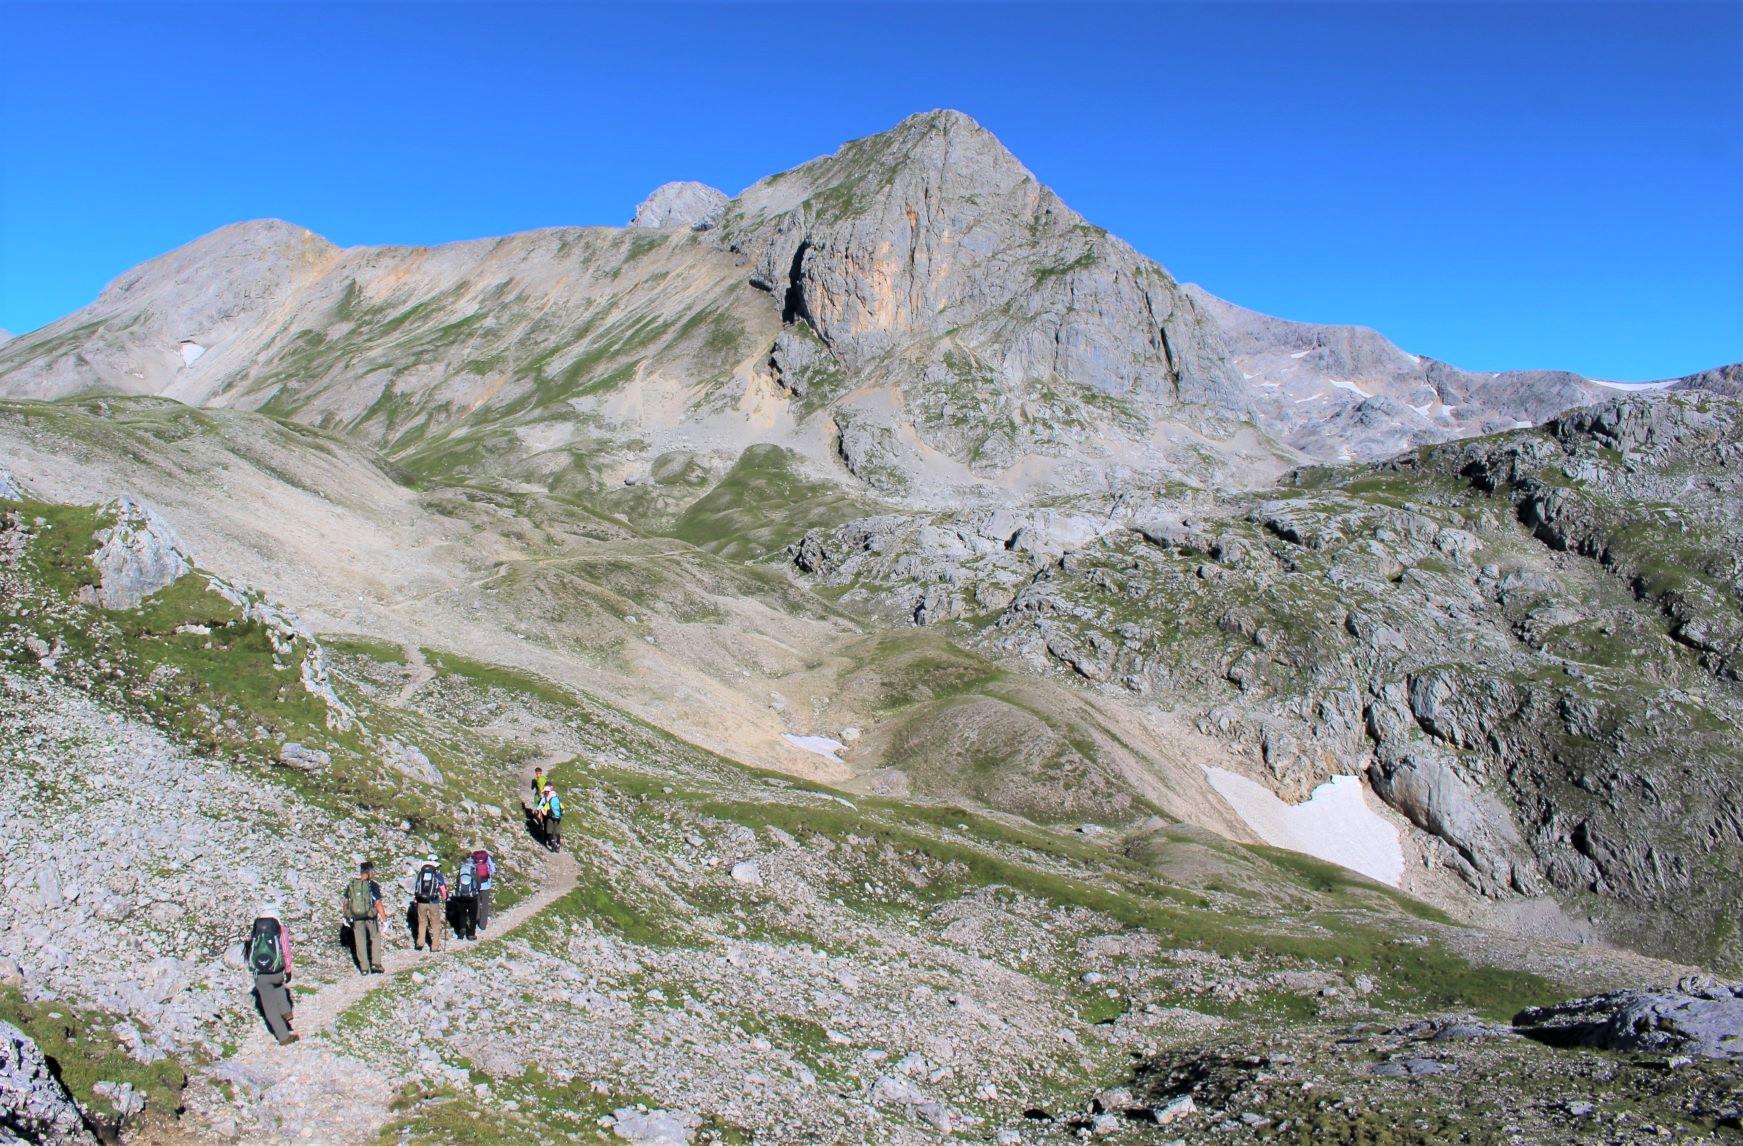 巨大な山塊が連なるダハシュタイン・エリアを歩く(5日目)